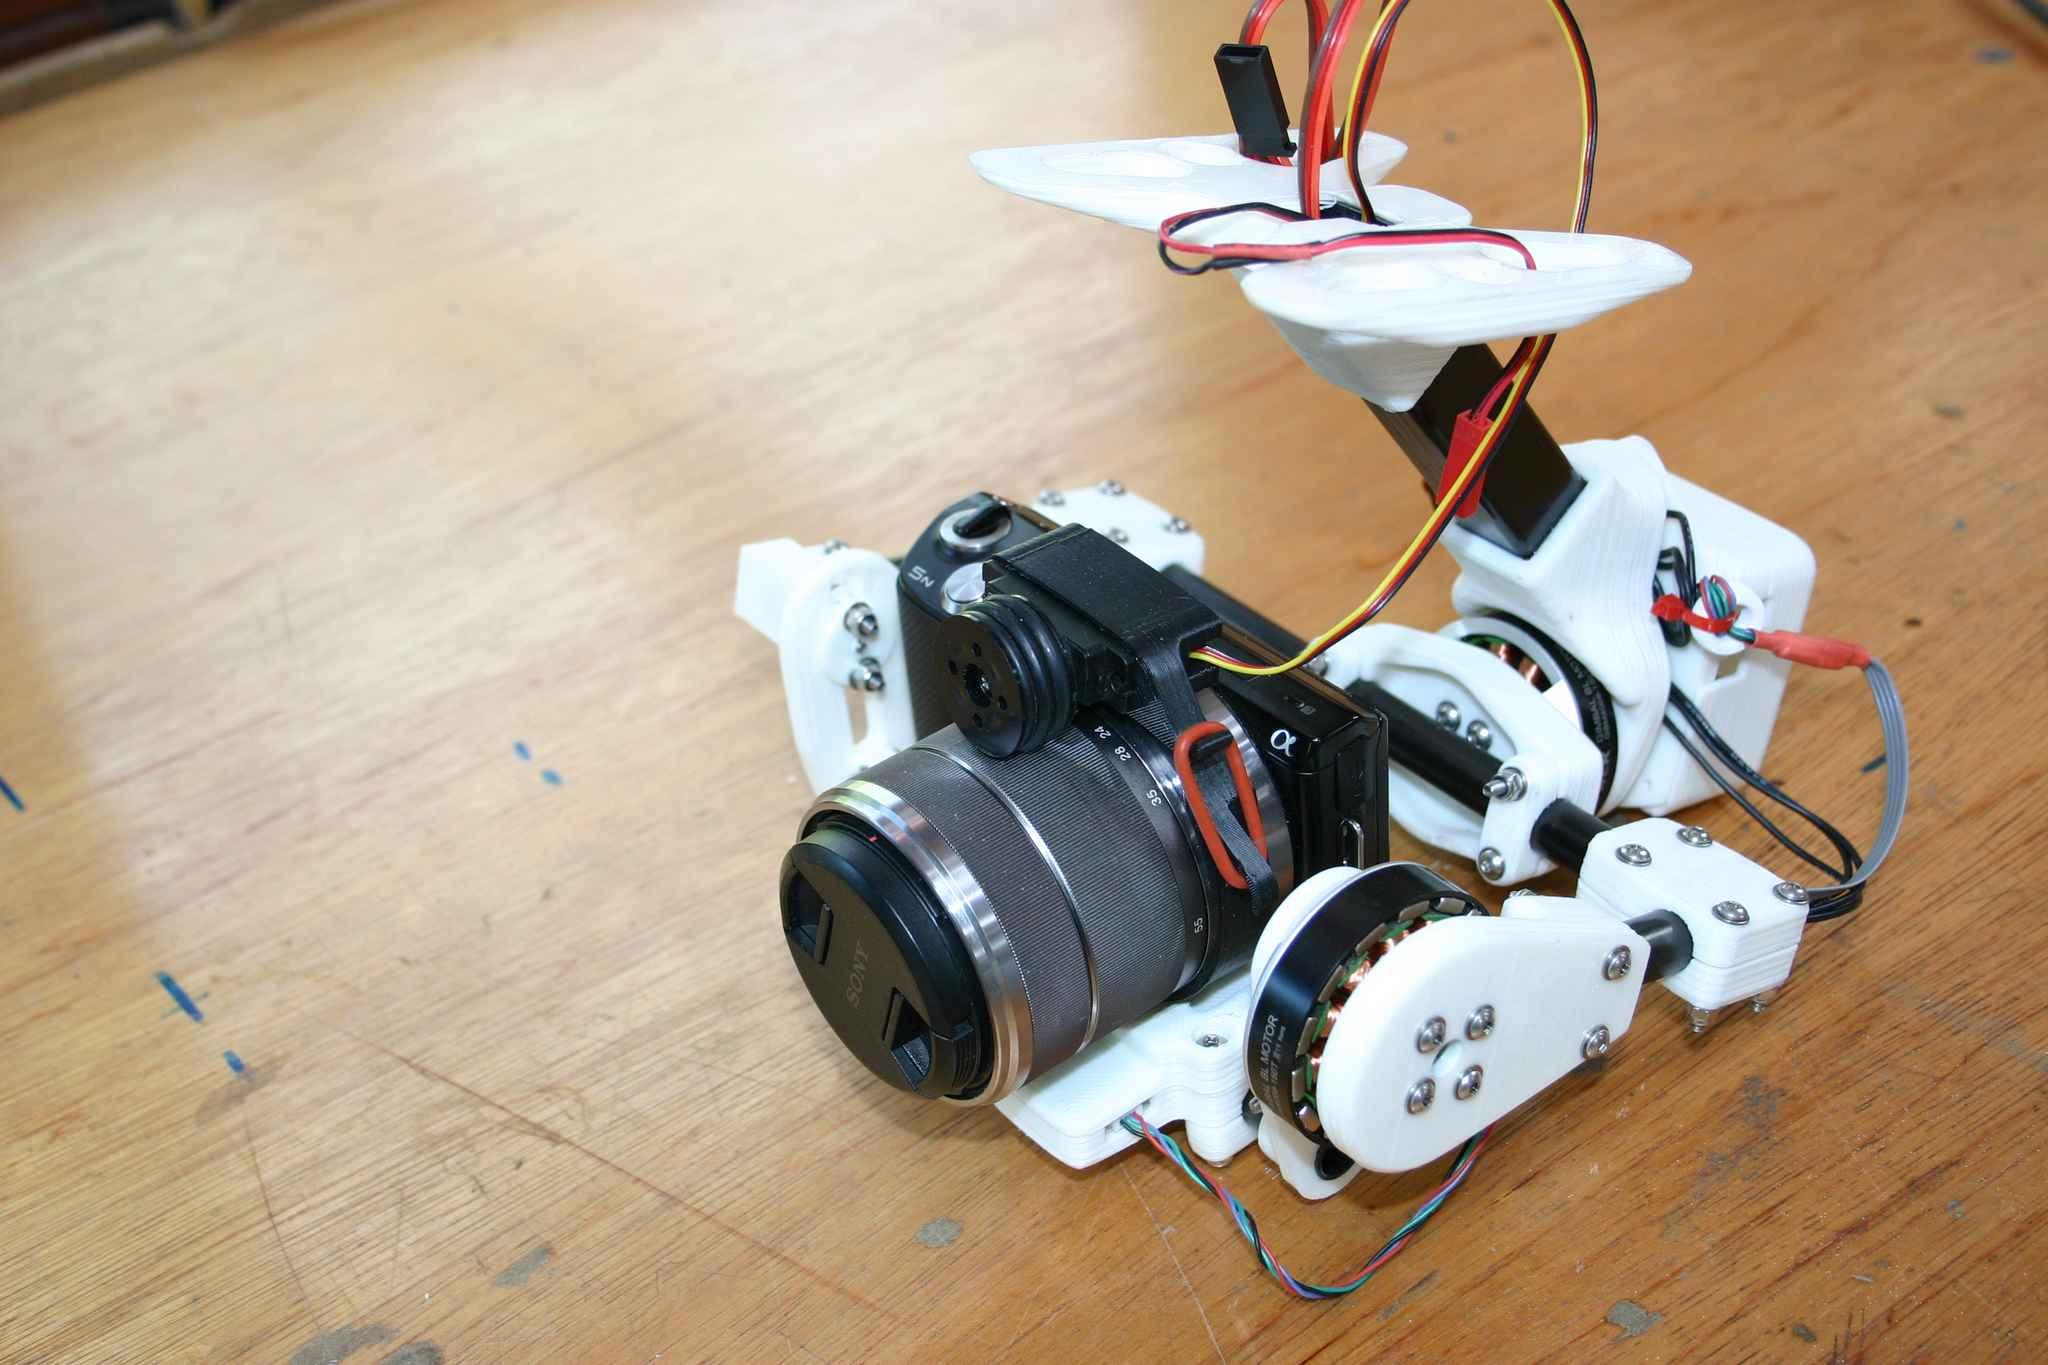 Gimbal stworzony z wydrukowanych i karbonowych części